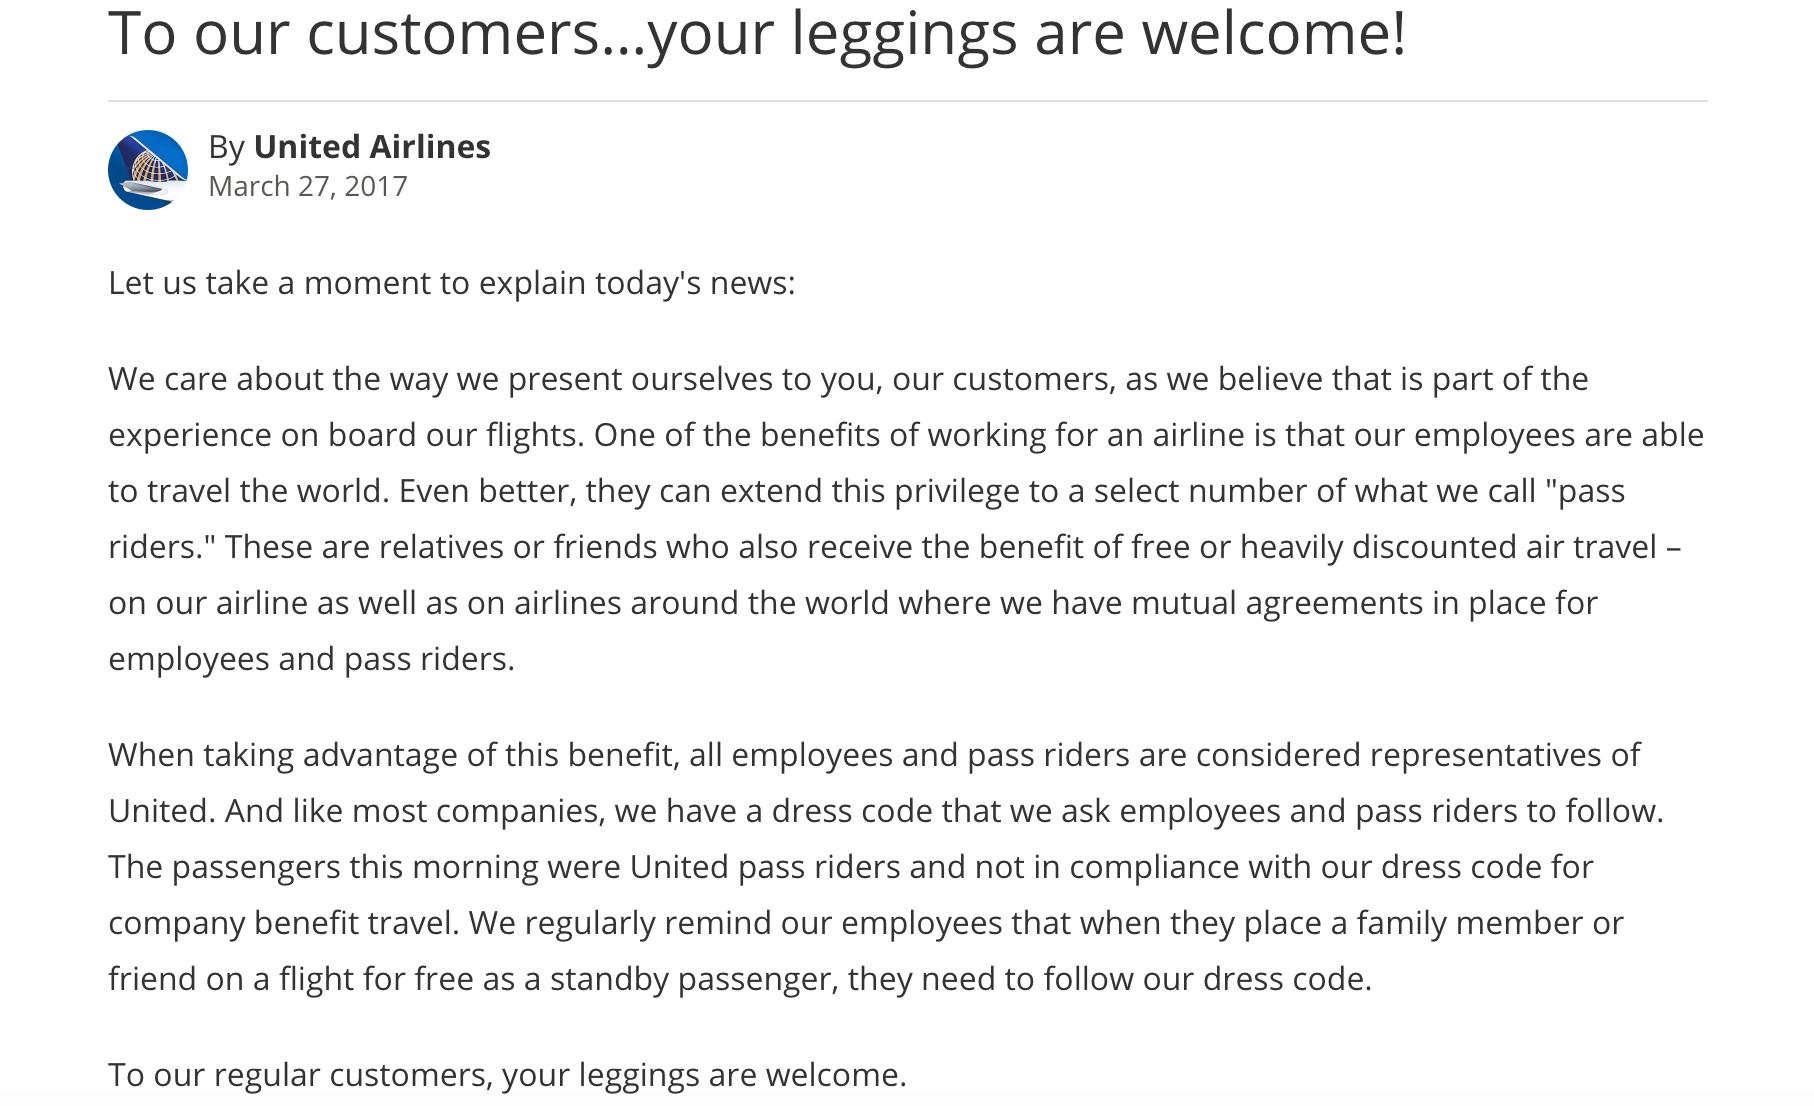 United Airlines Leggings Refusal Crashes on Twitter